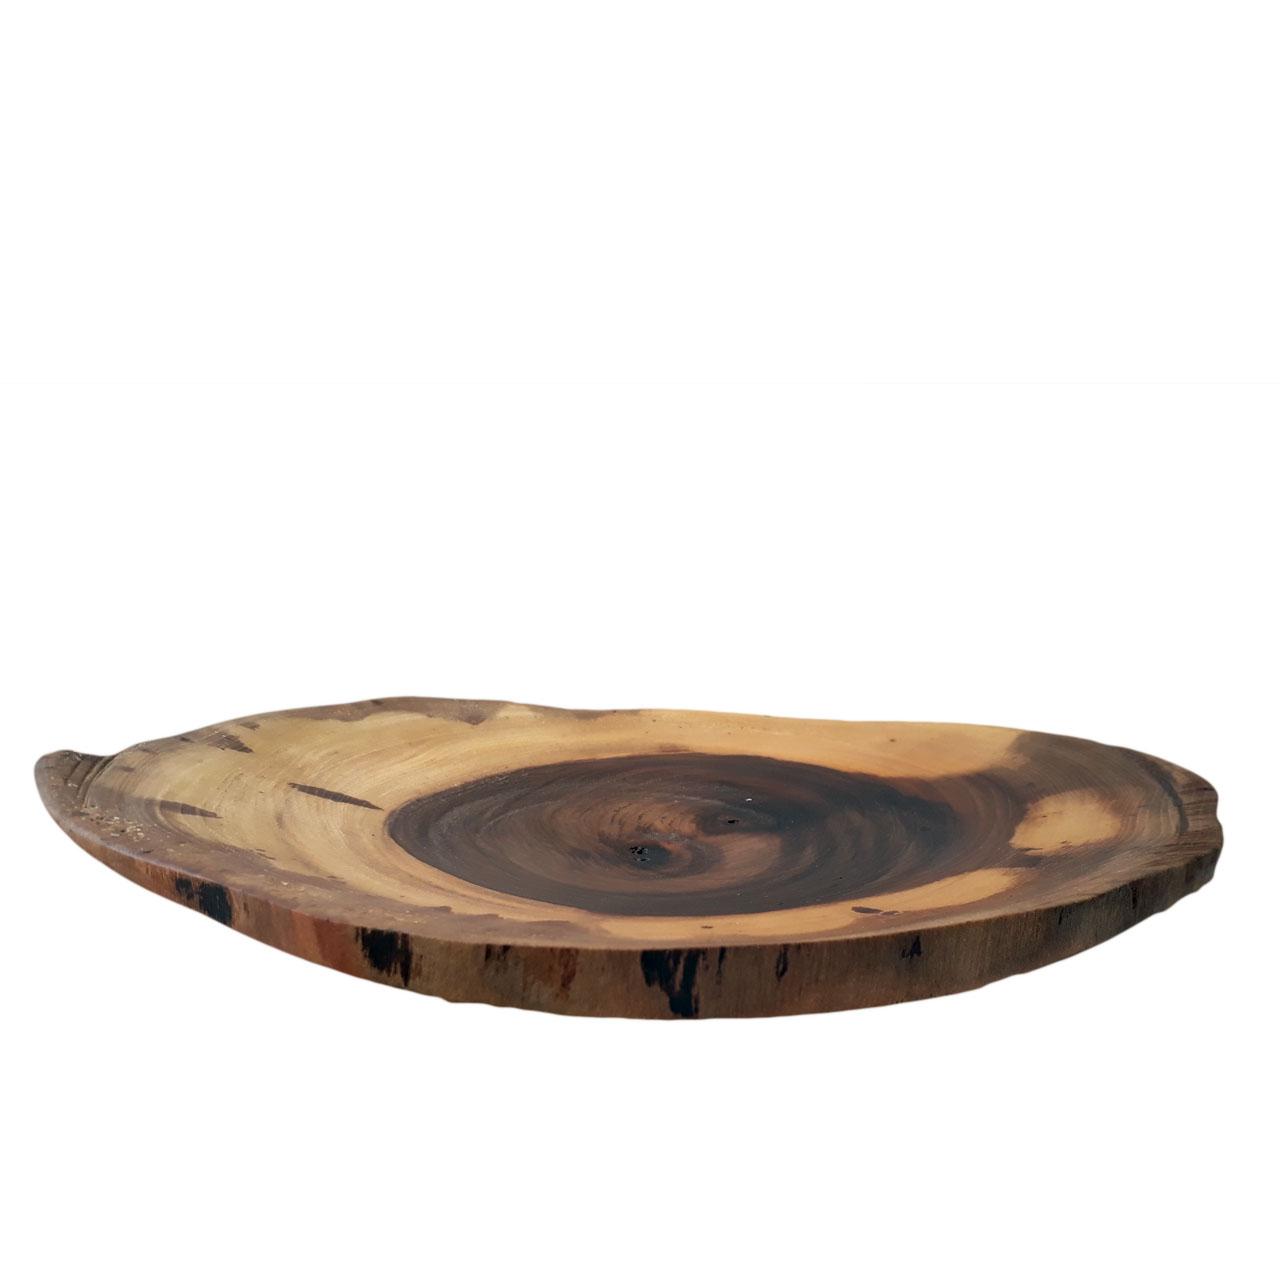 ظرف چوبی مدل روستیک کد 309